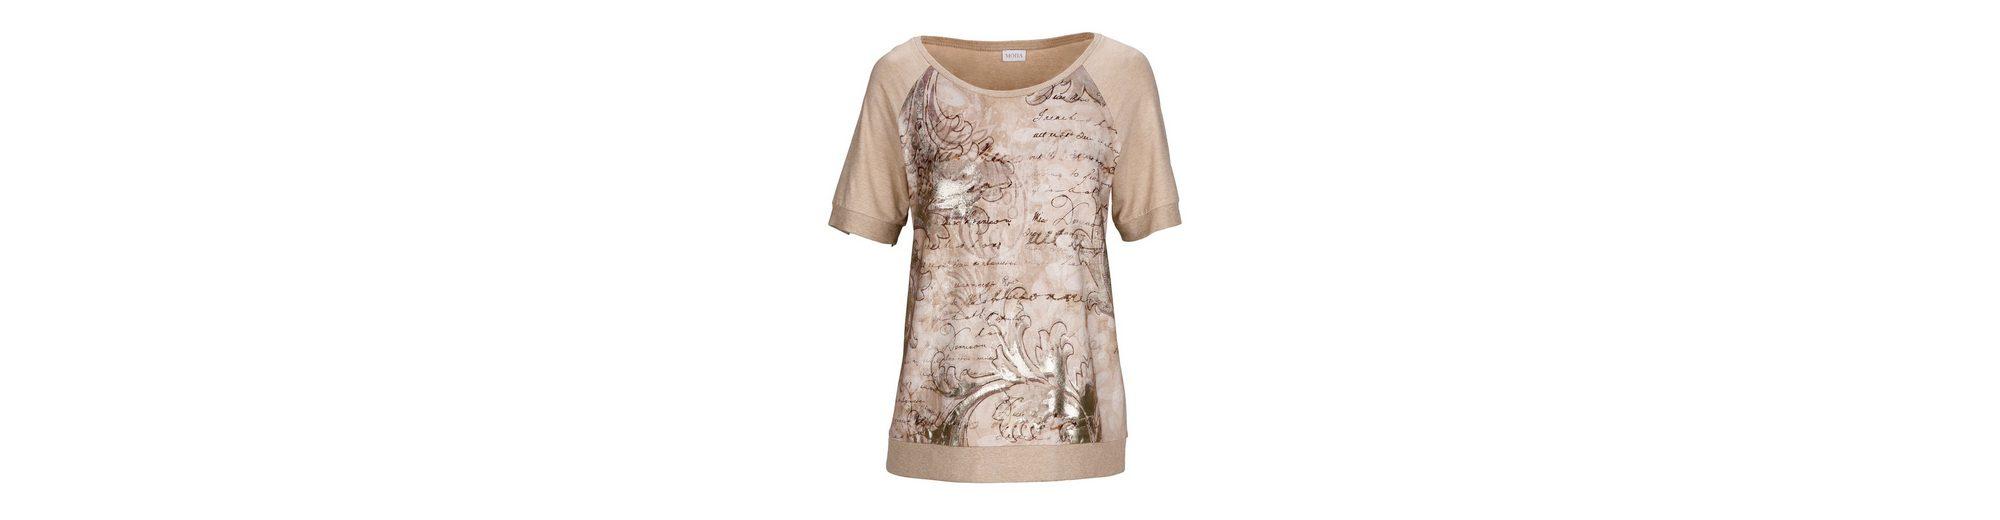 Ganz Welt Versand Mona Shirt mit Strickbündchen am Saum Freies Verschiffen 100% Original iMrU9